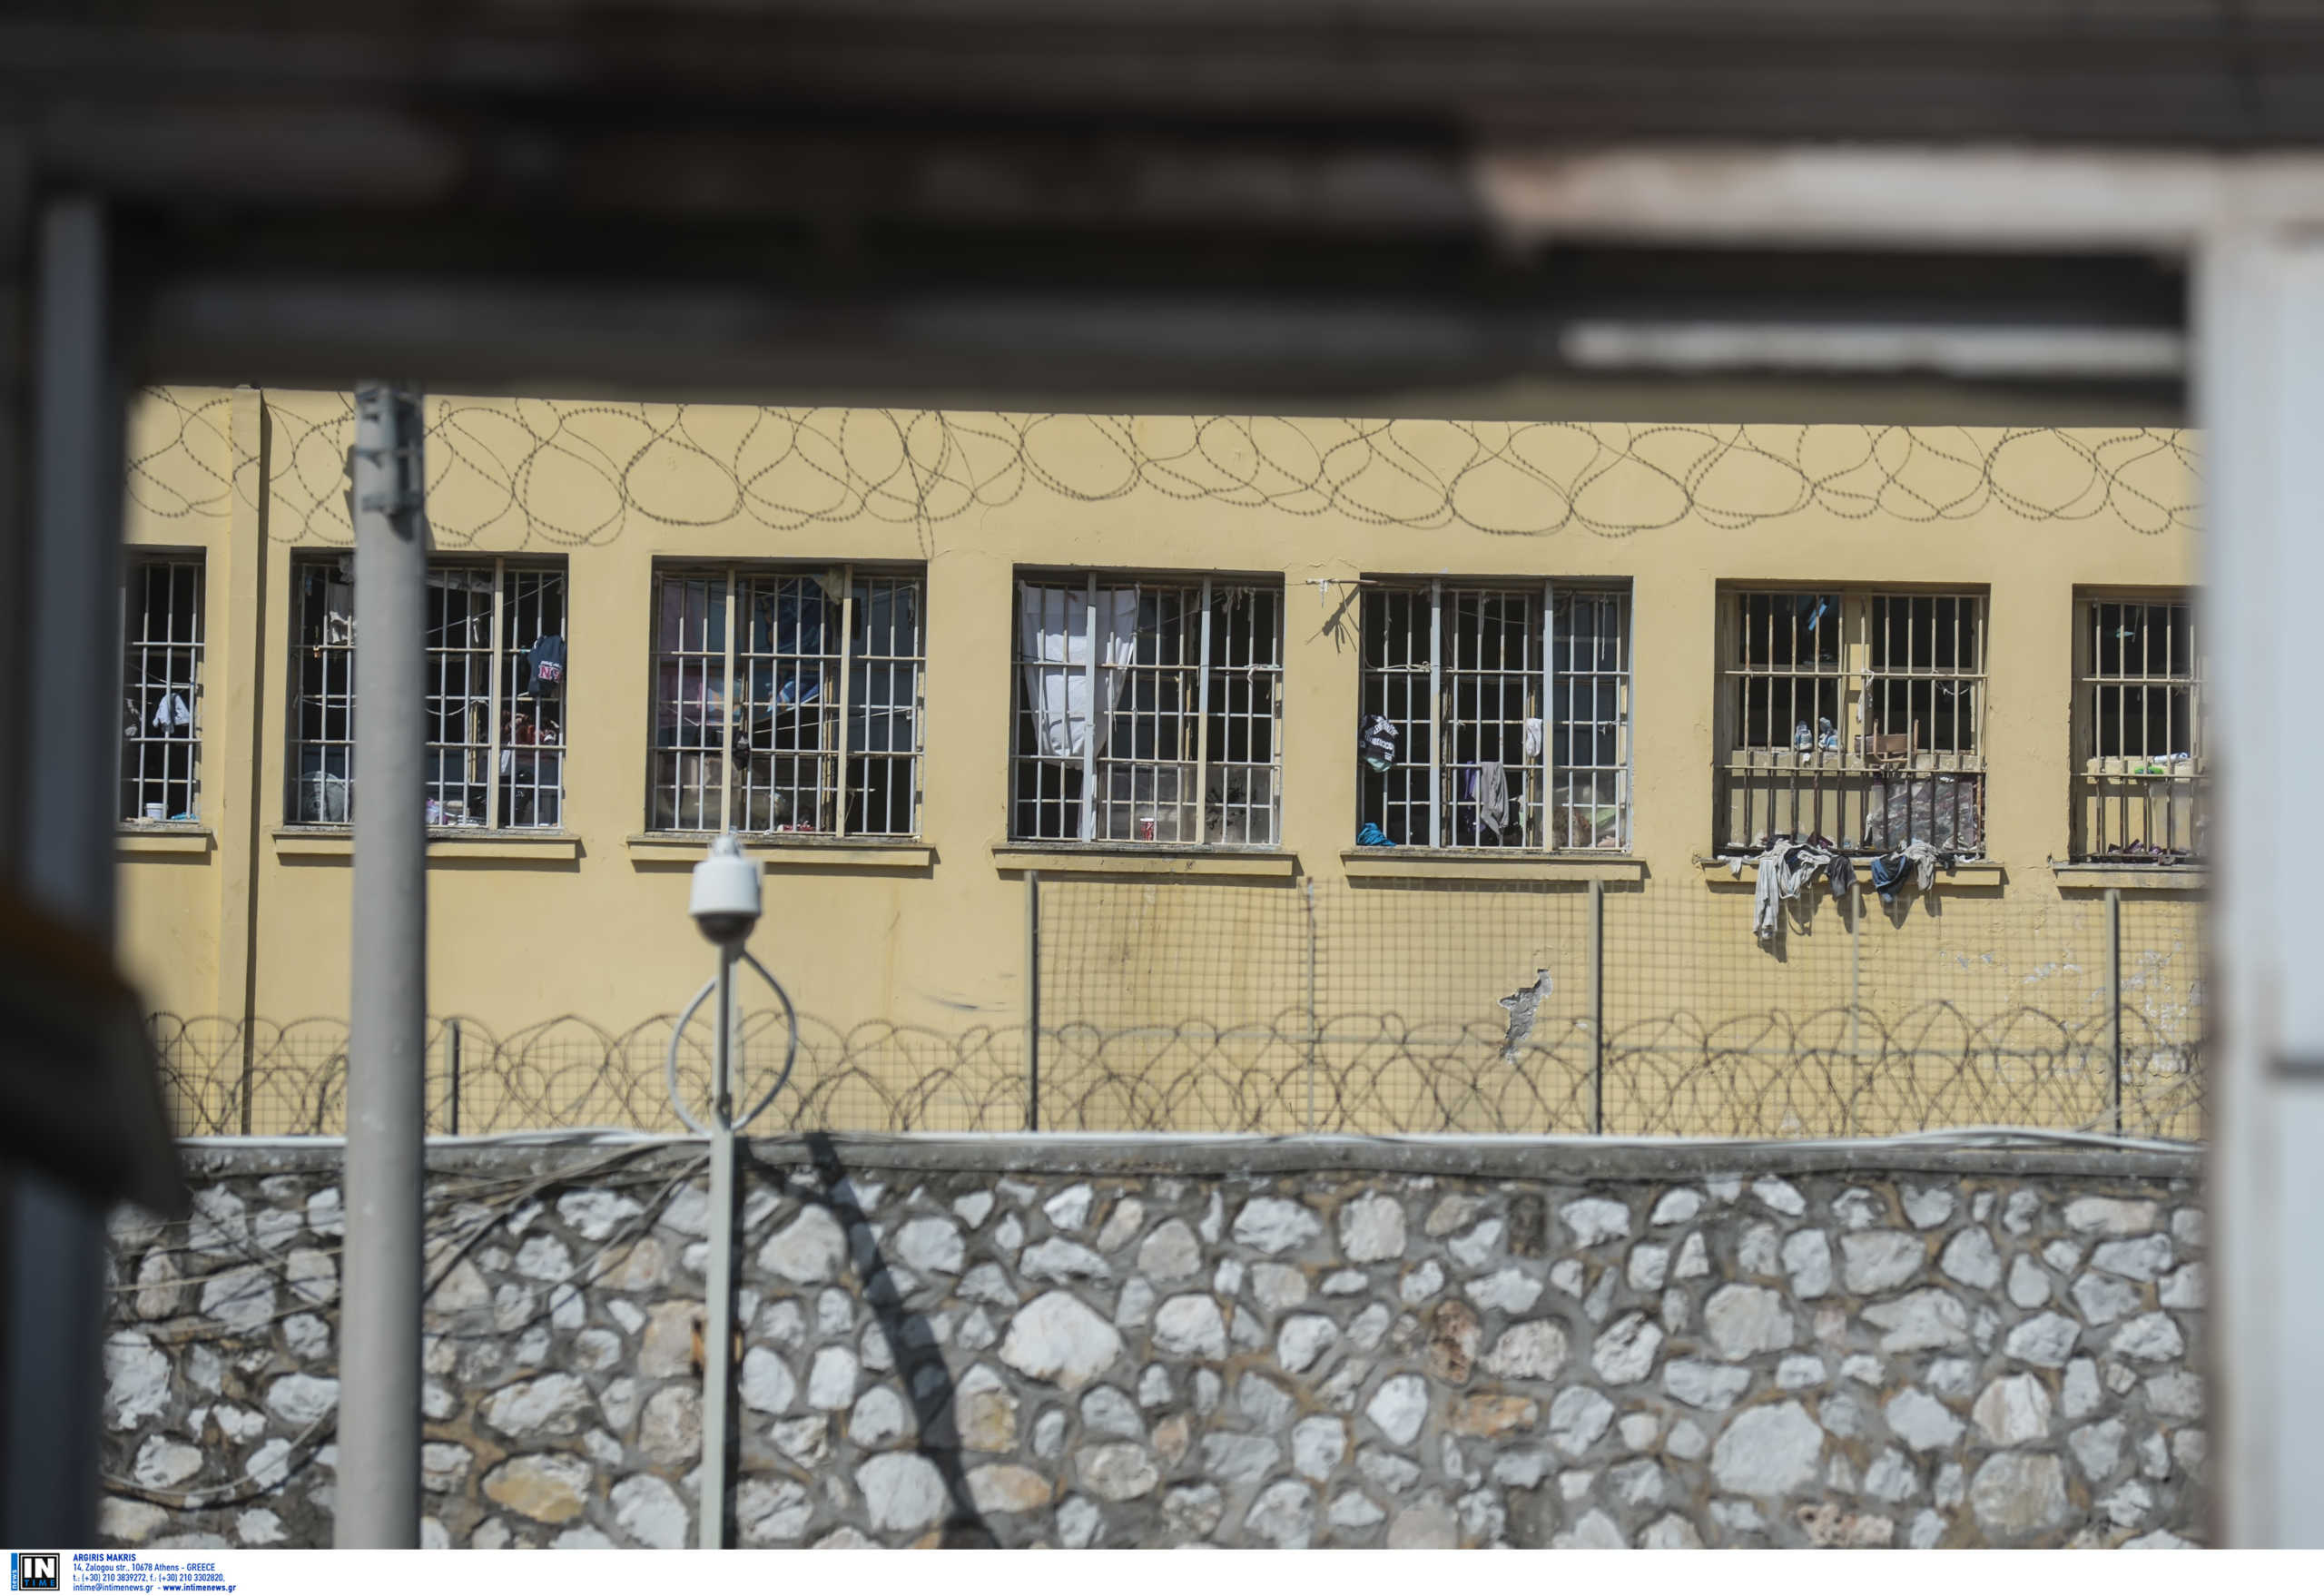 Φθιώτιδα: Ο κρατούμενος των φυλακών έβαλε το μυαλό του να δουλέψει για κακό σκοπό! Η στιγμή που έγινε τσακωτός